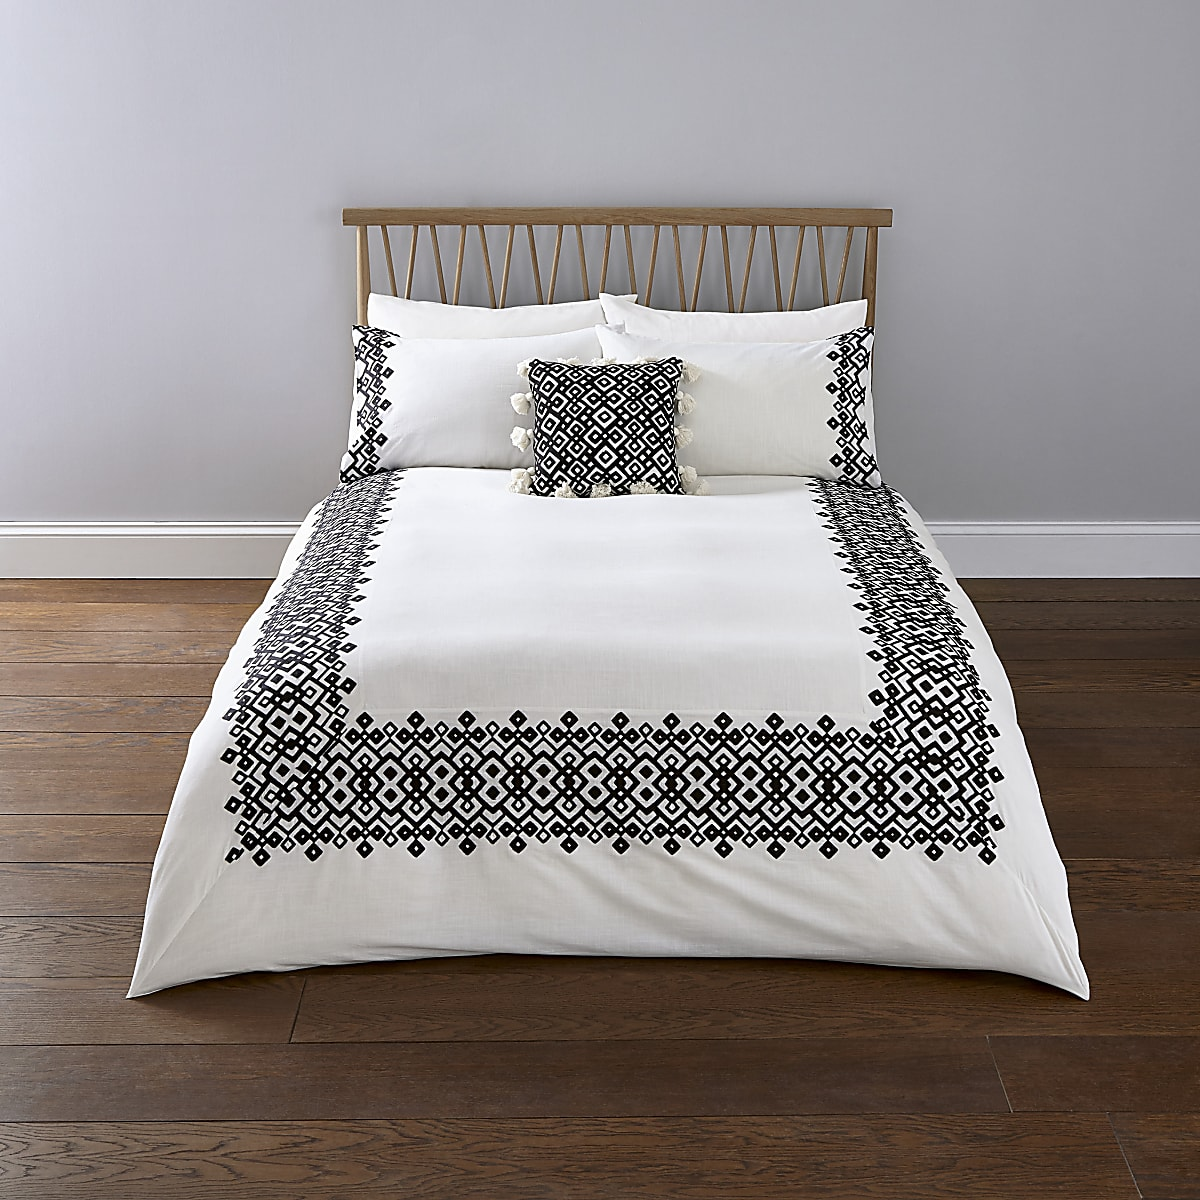 Weißes Superking-Bettdecken-Set mit Stickerei